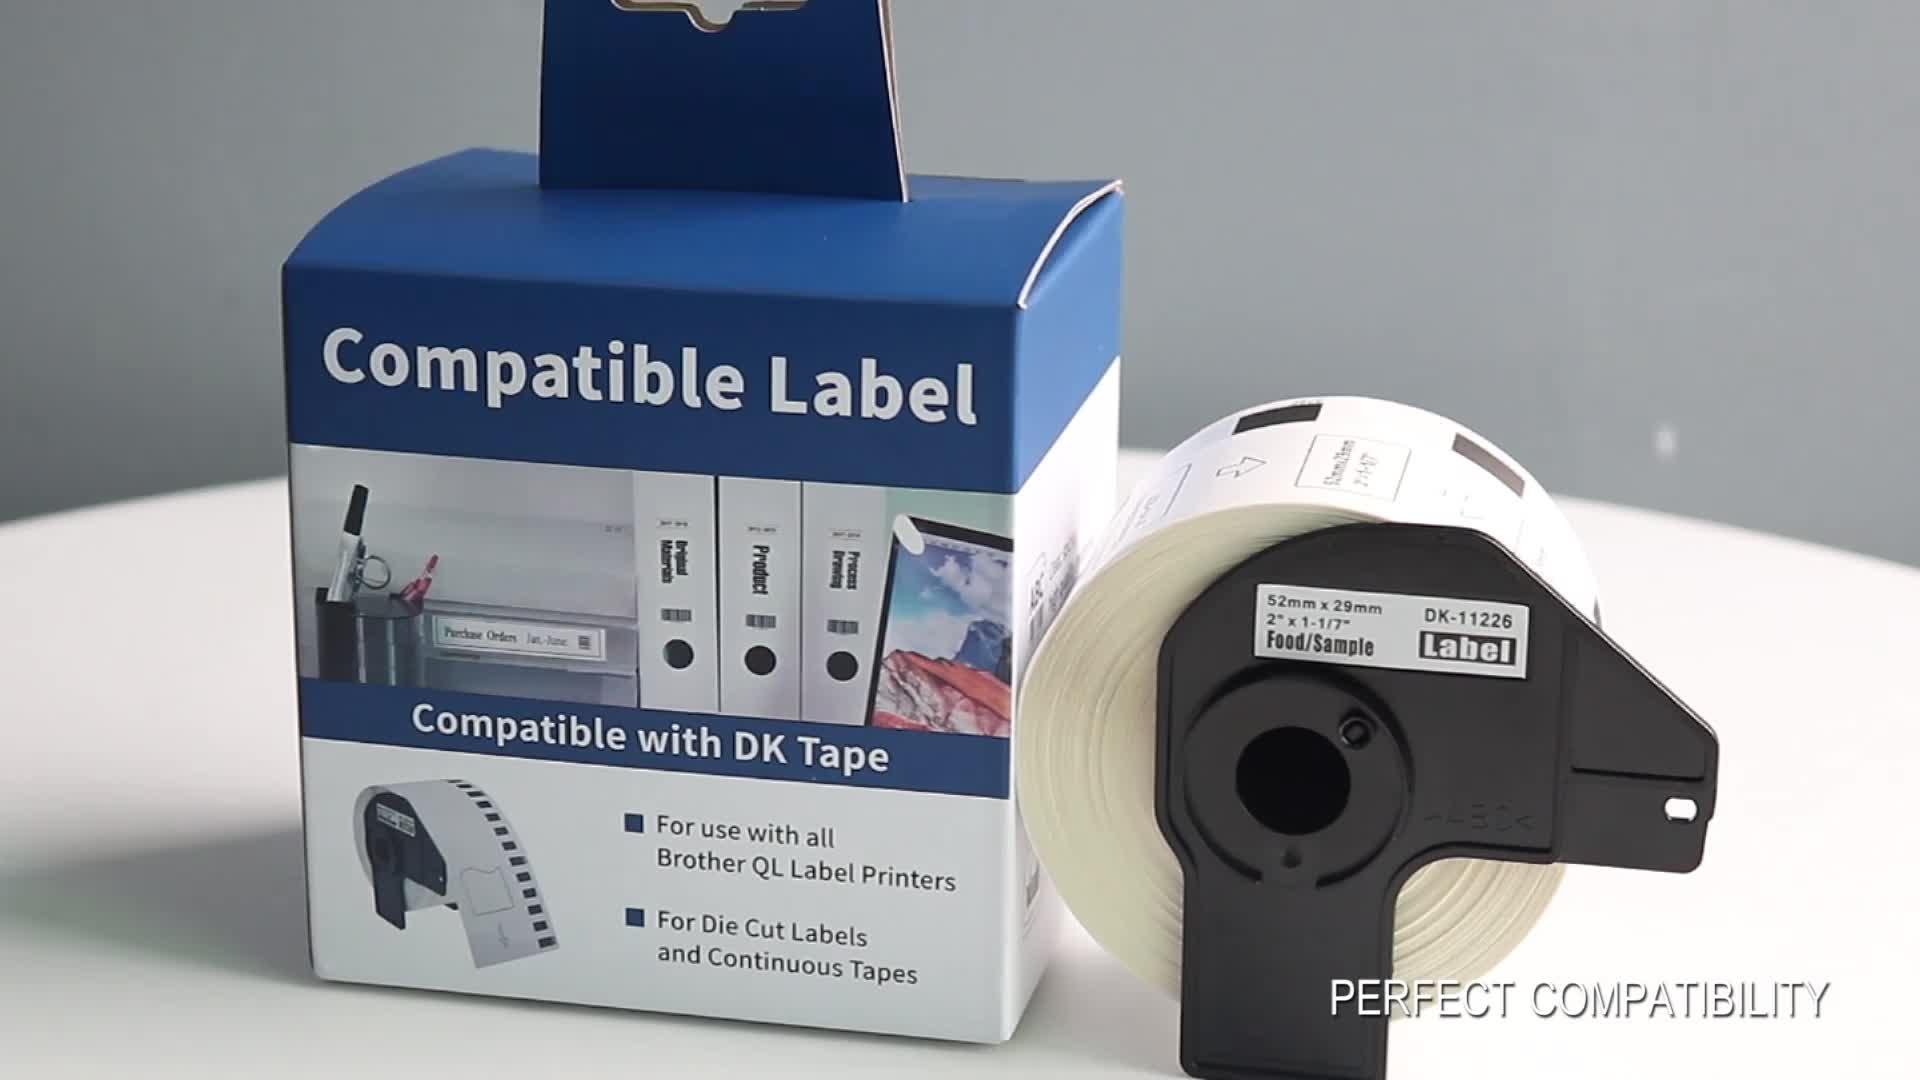 गर्म बिक्री थोक डीके 22205 dk-22205 62mm * 30.48m के लिए थर्मल कागज प्रिंटर लेबल रोल भाई